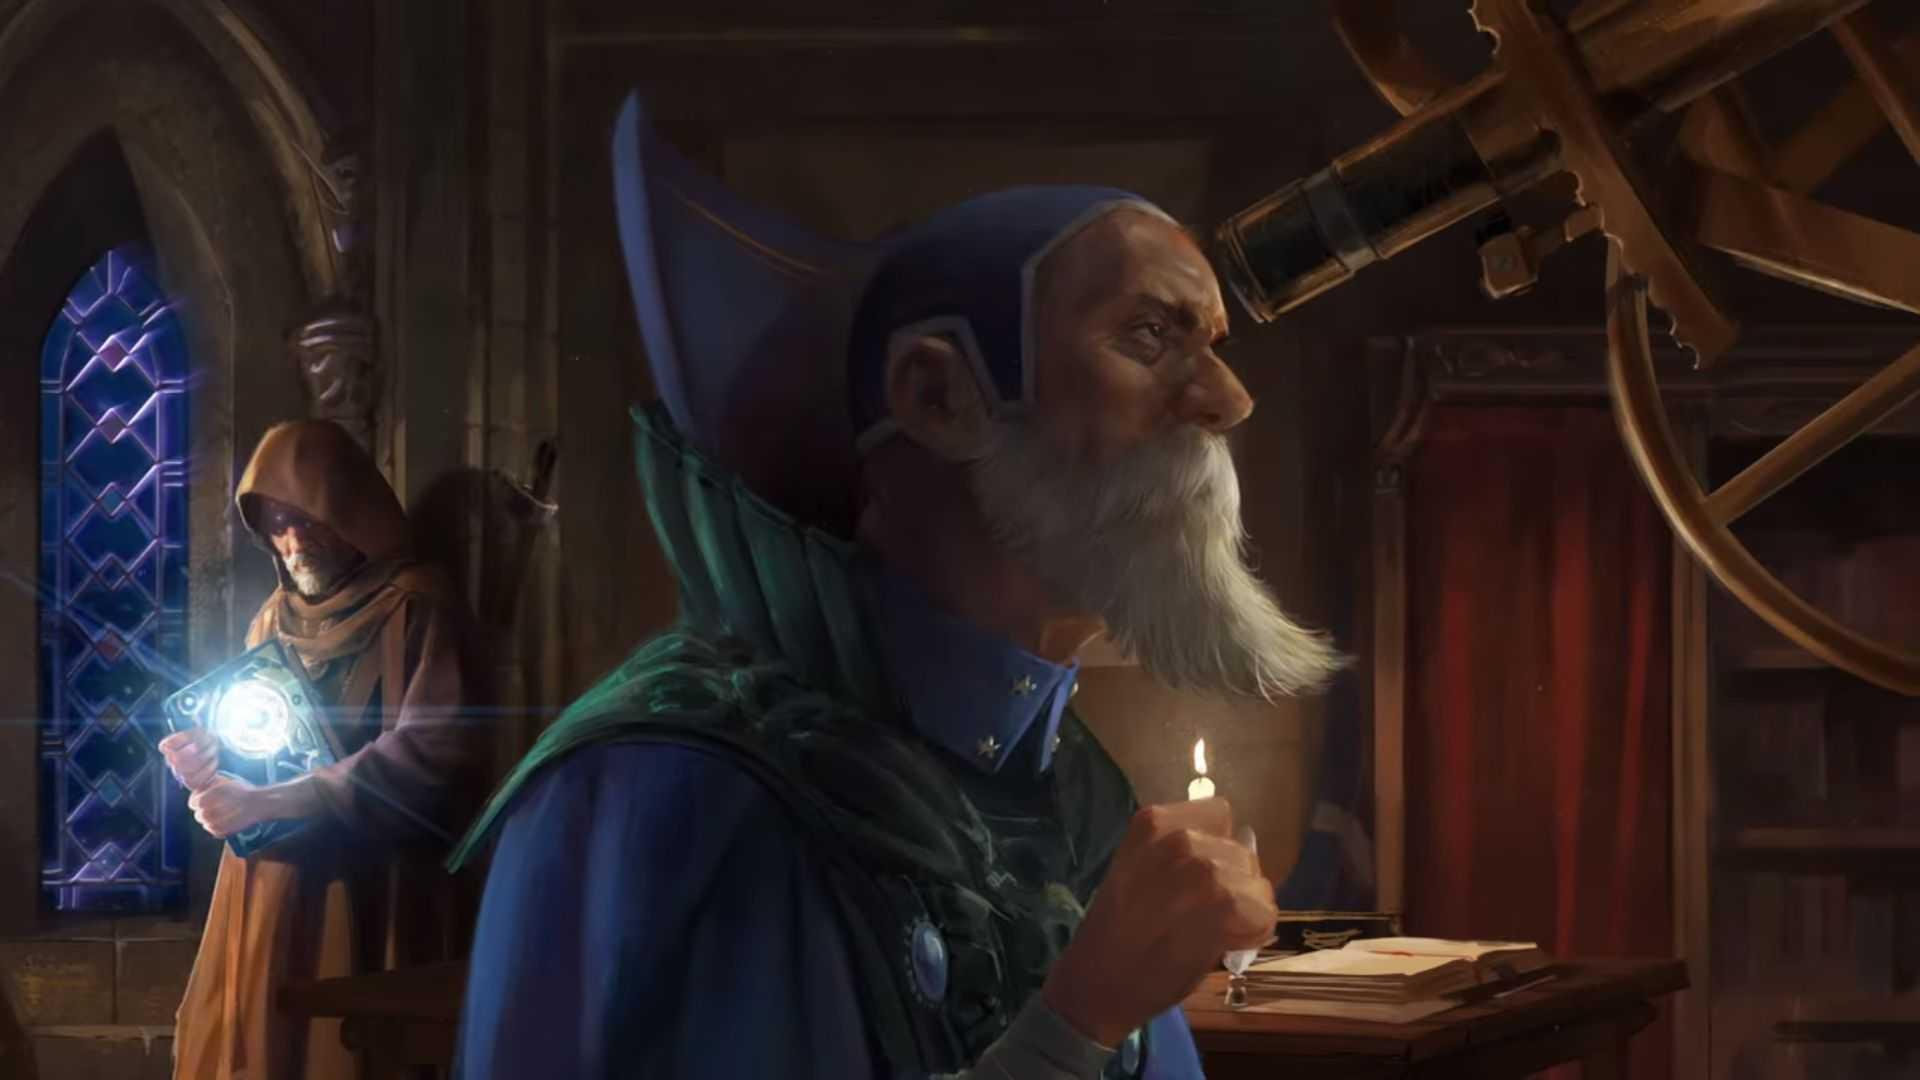 Загадочный тизер Total War: Warhammer на что-то намекает, честно говоря, ваша догадка такая же хорошая, как и наша